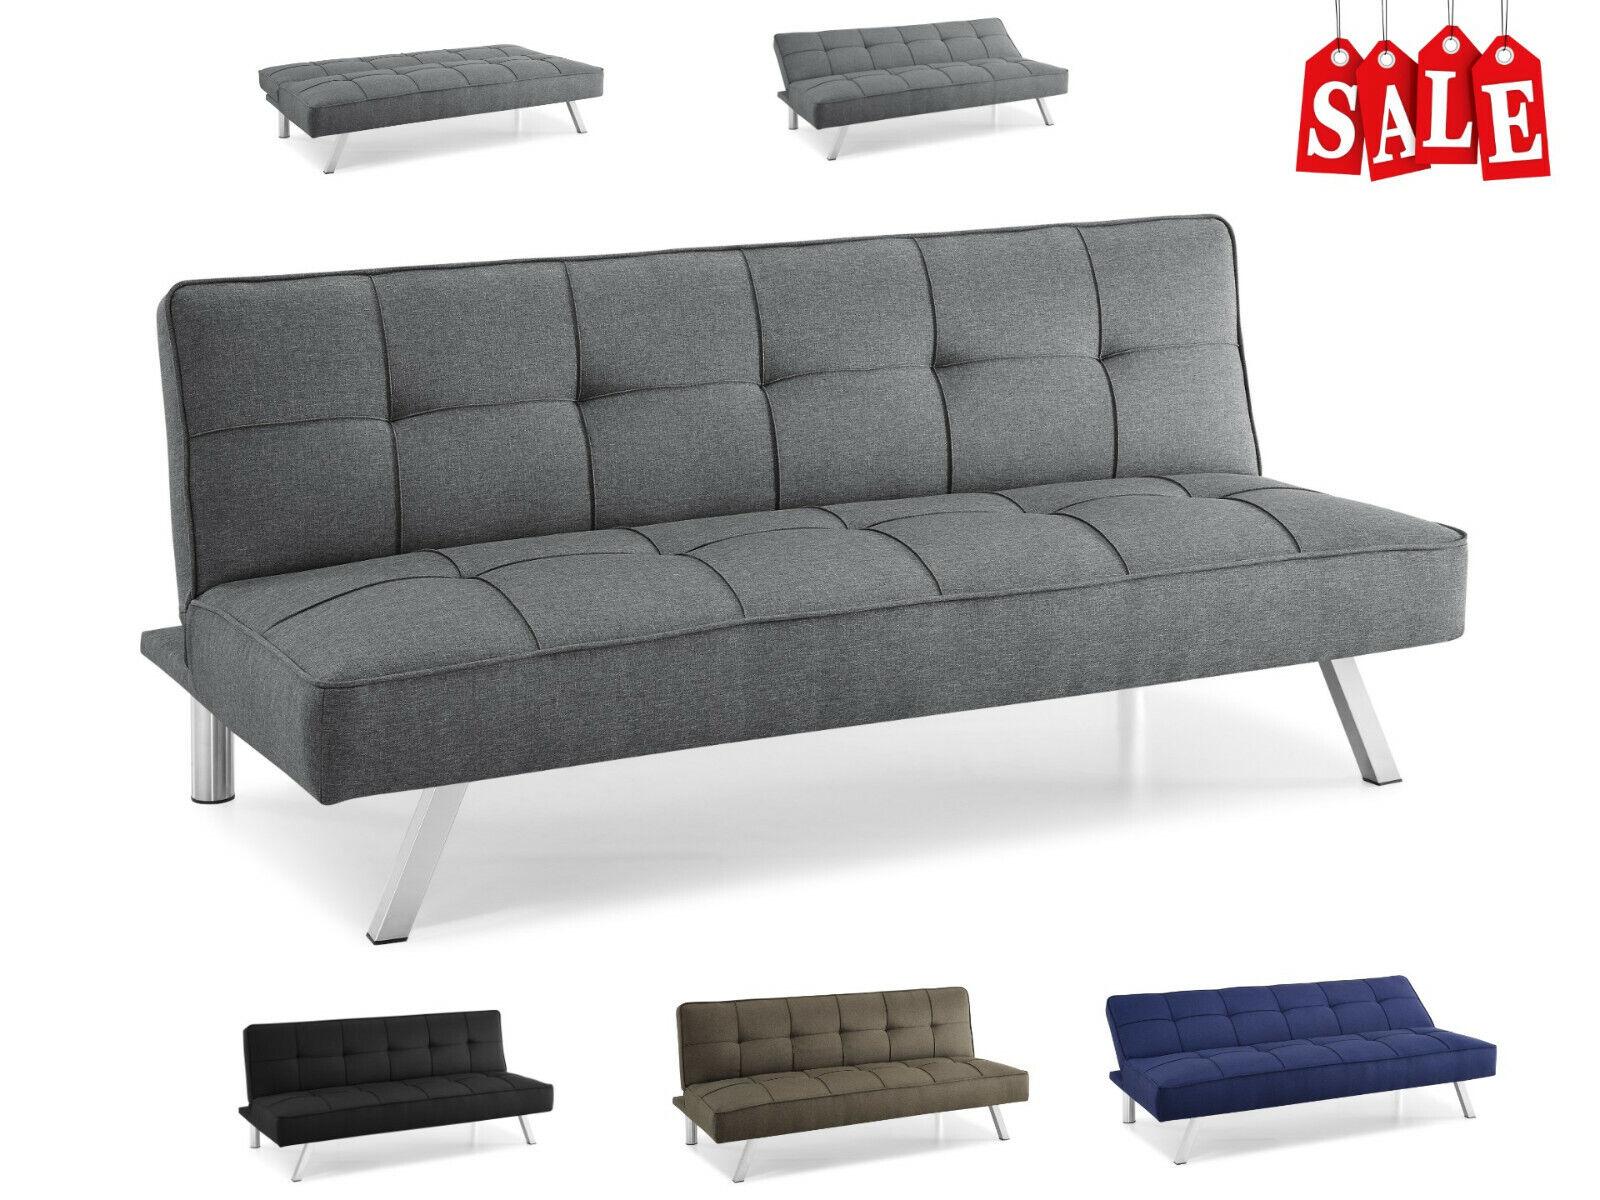 Modern Loveseat Futon Sofa Bed Sleeper Convertible Recliner